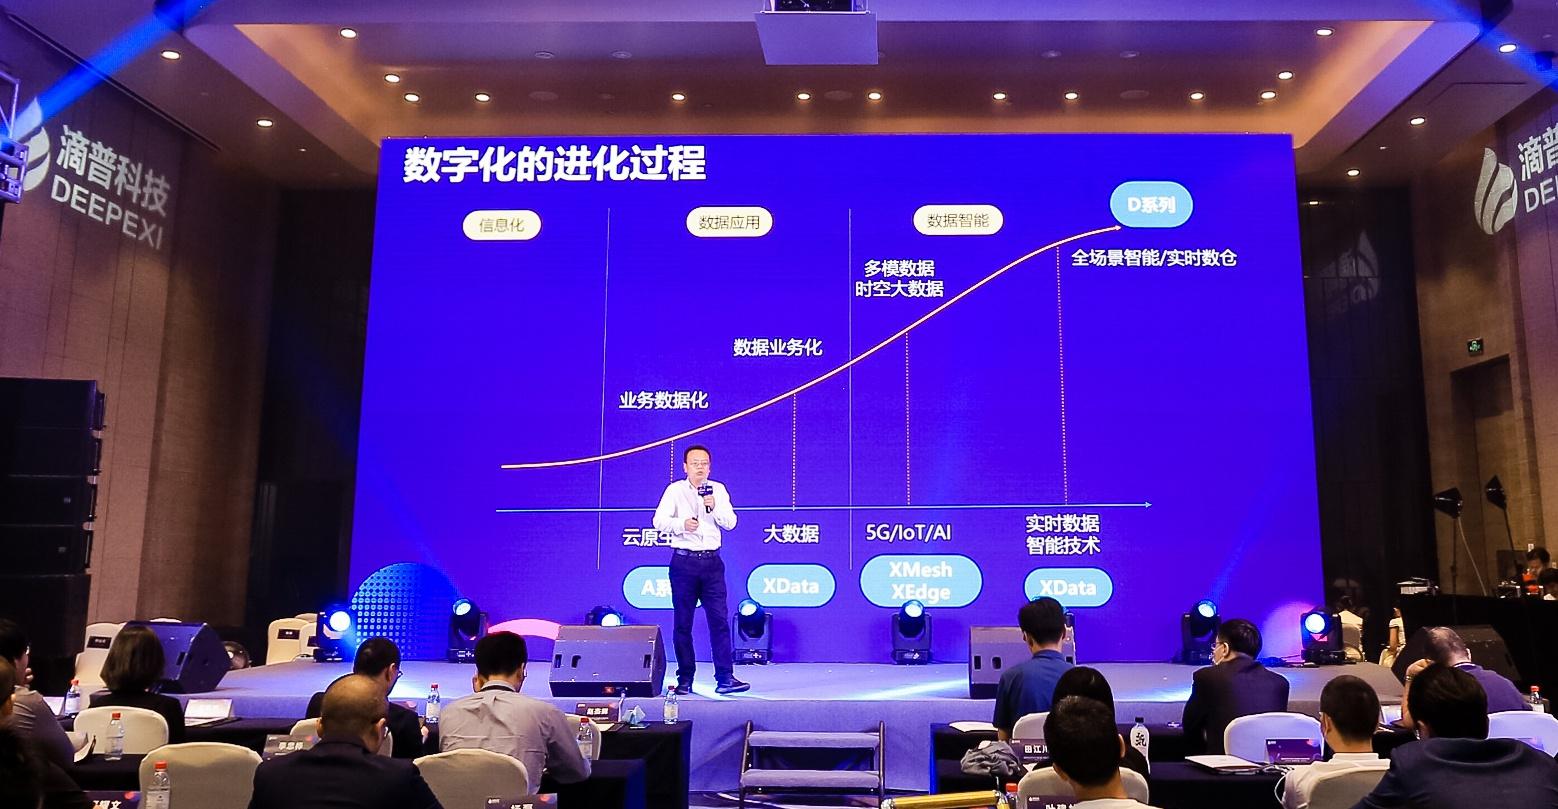 36氪首发 | 「滴普科技」获5000万美元A+轮融资,将数据智能研发及市场布局